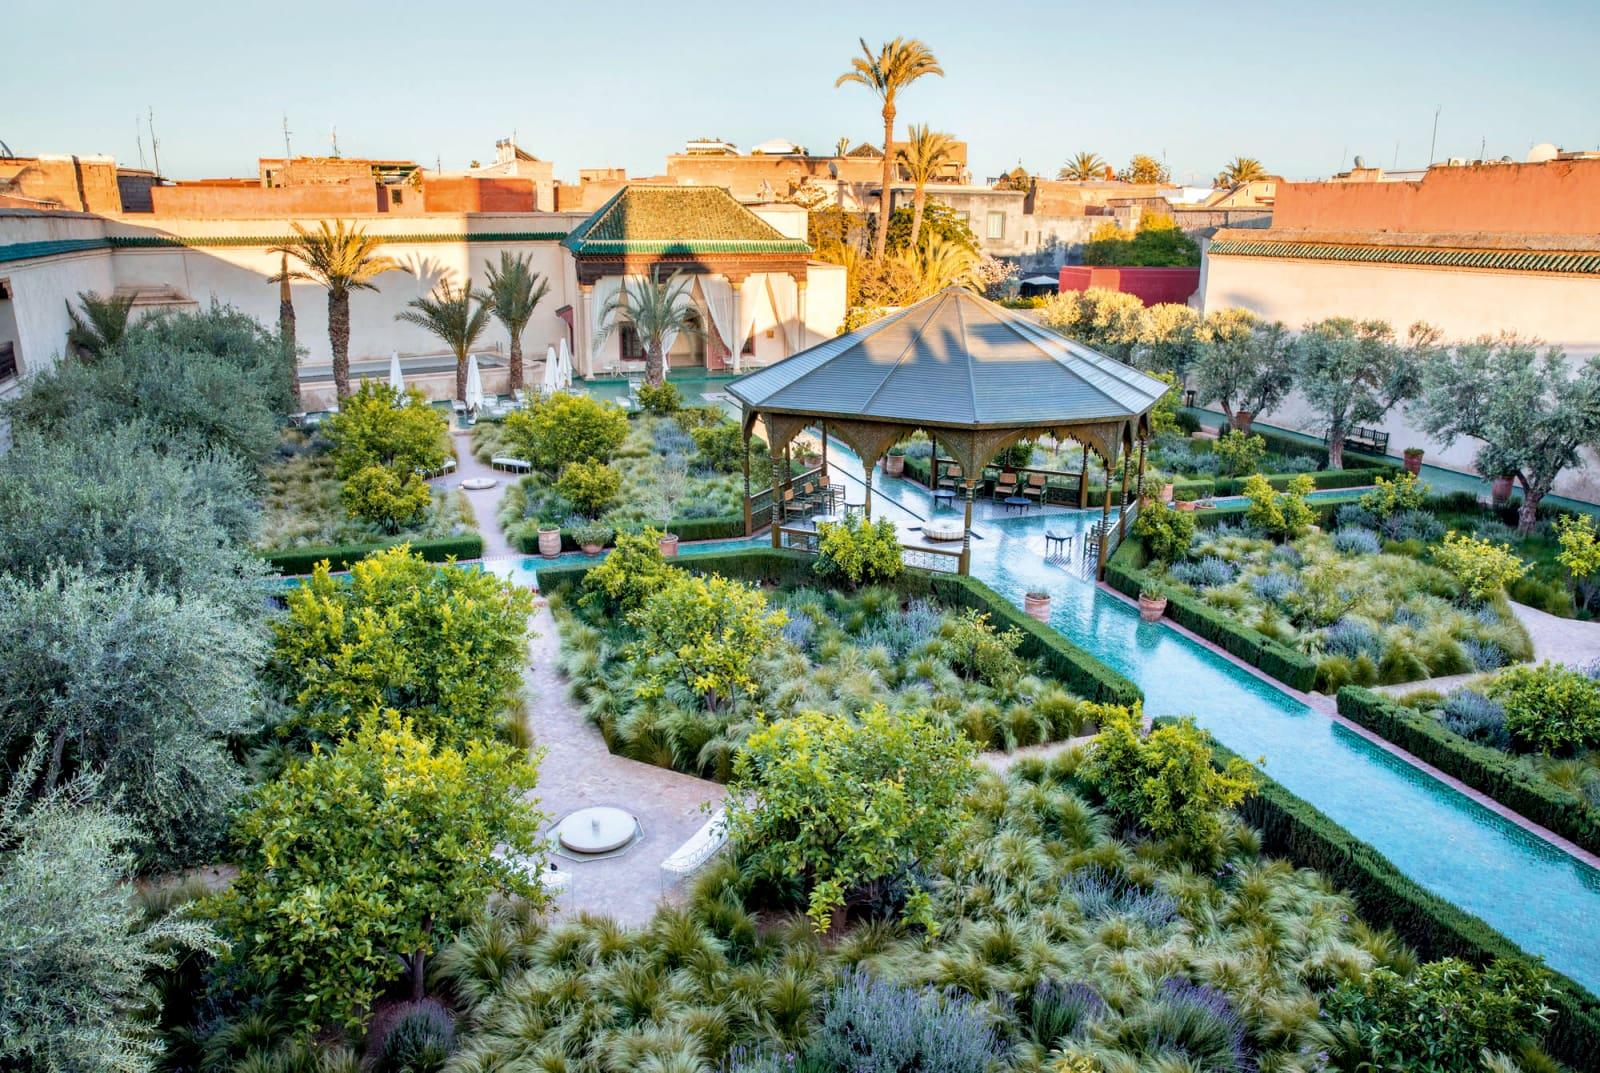 Paradis Marrakesch